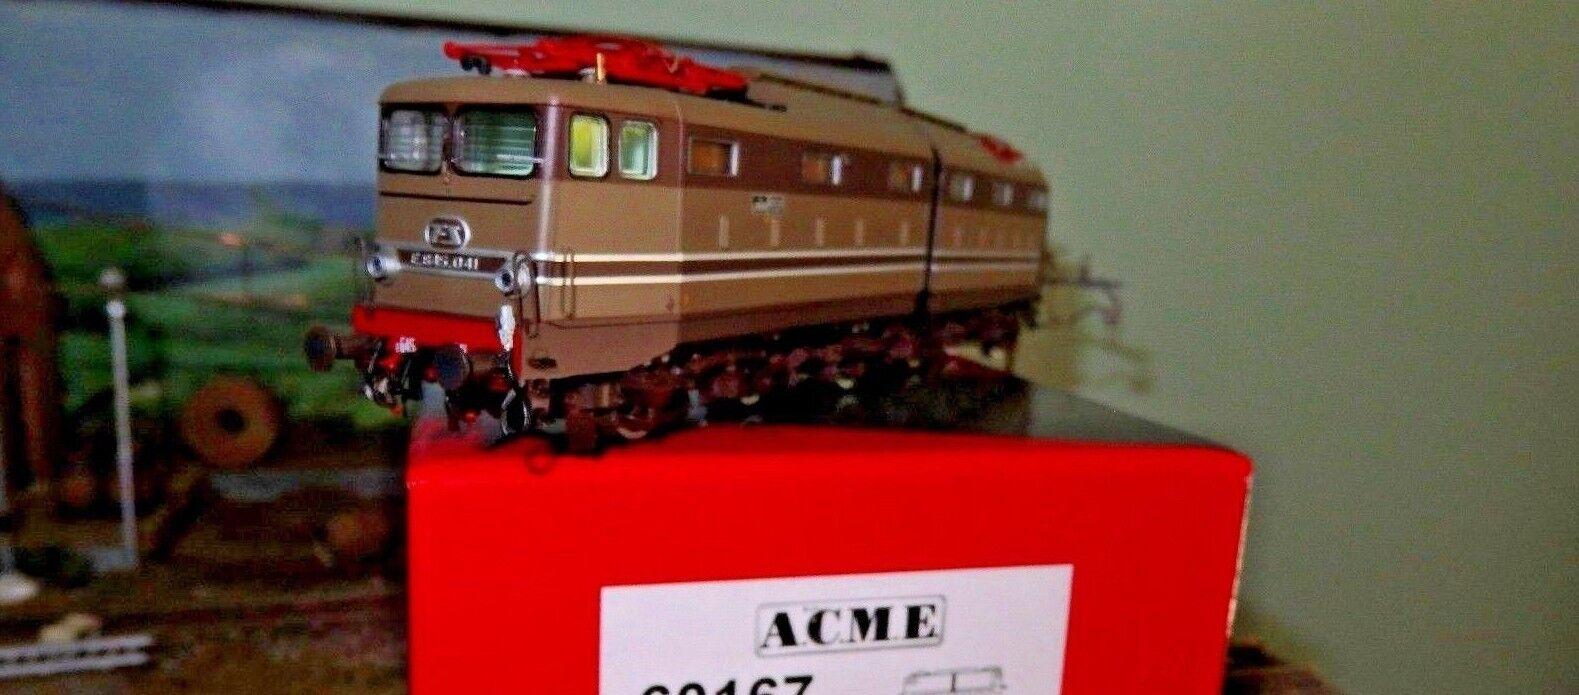 ACME 69167 E645 041 Castano isabella con modanature, FS , DCC SOUND